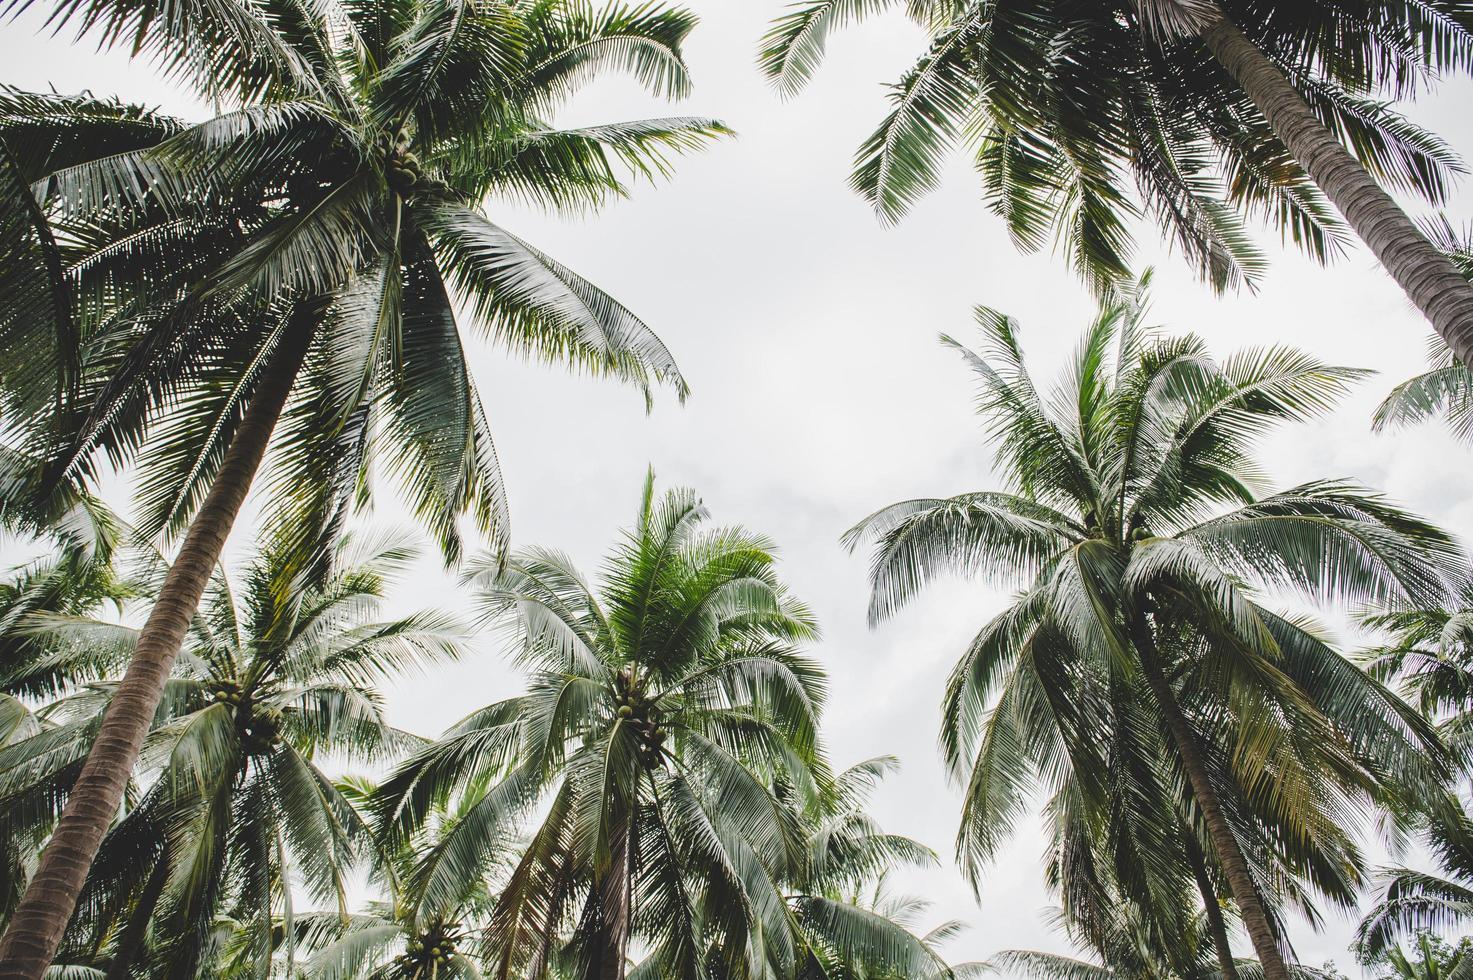 Kokosnussbaumgärten in Thailand foto